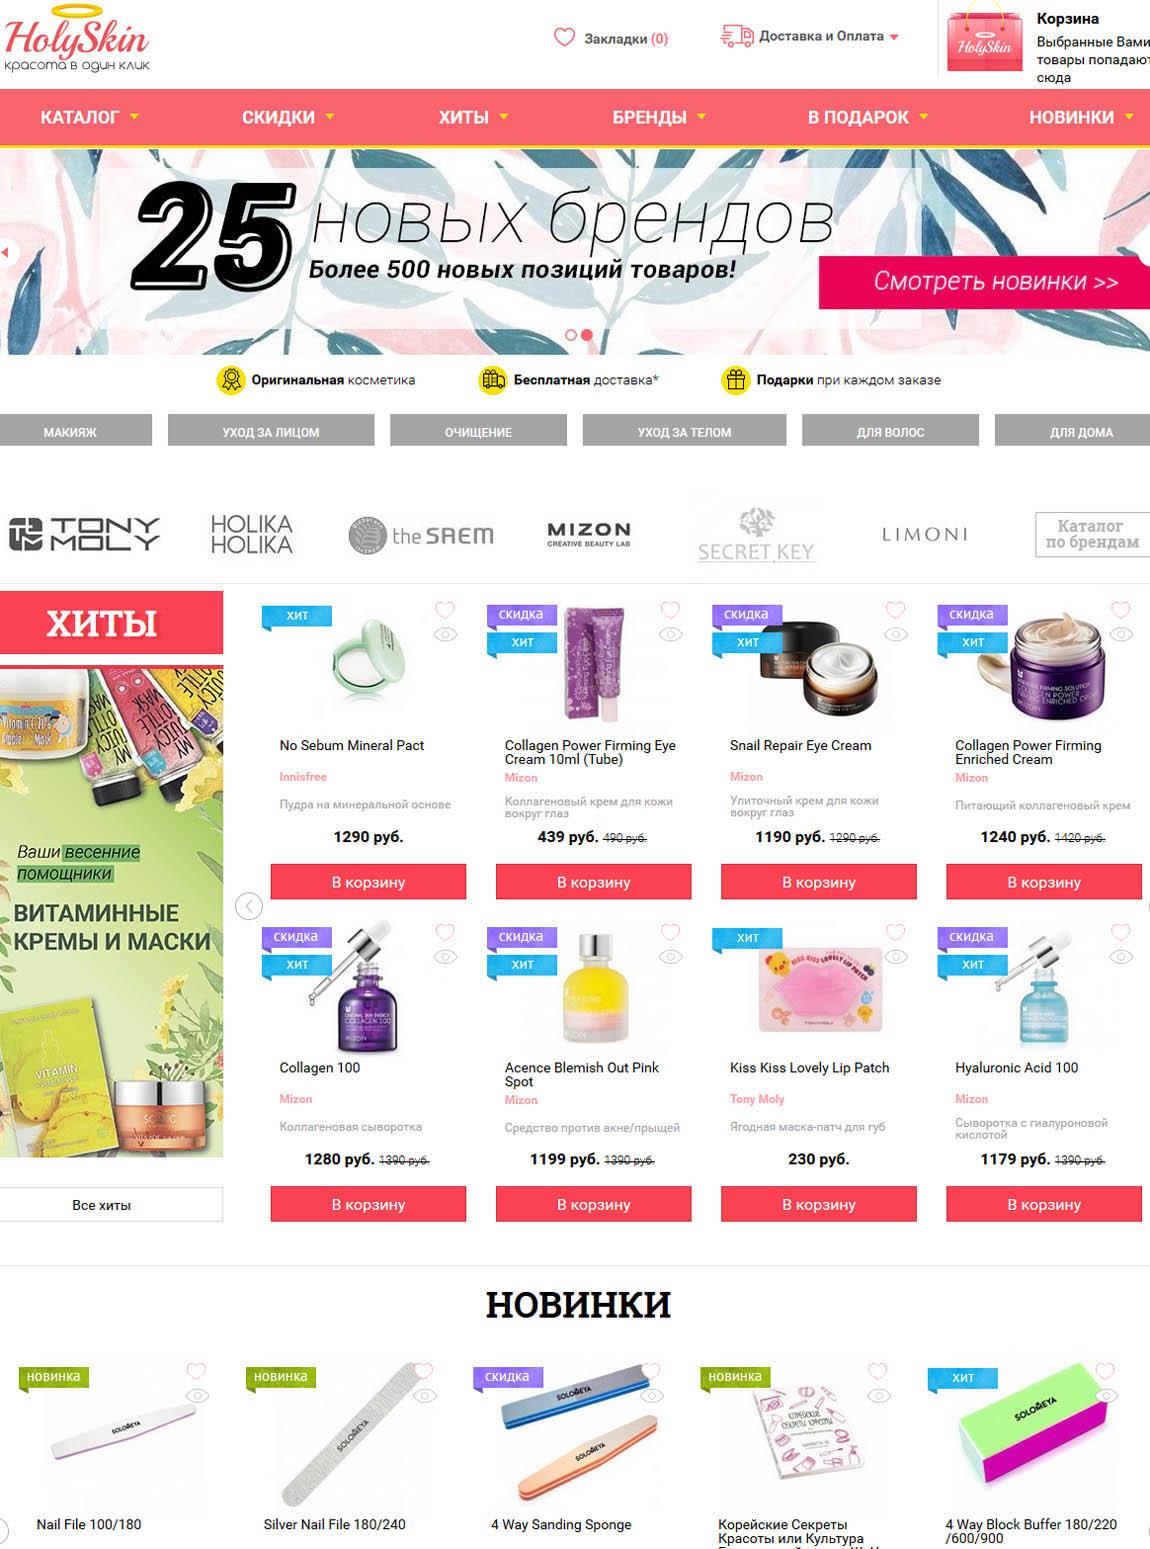 Интернет-магазин Холискин